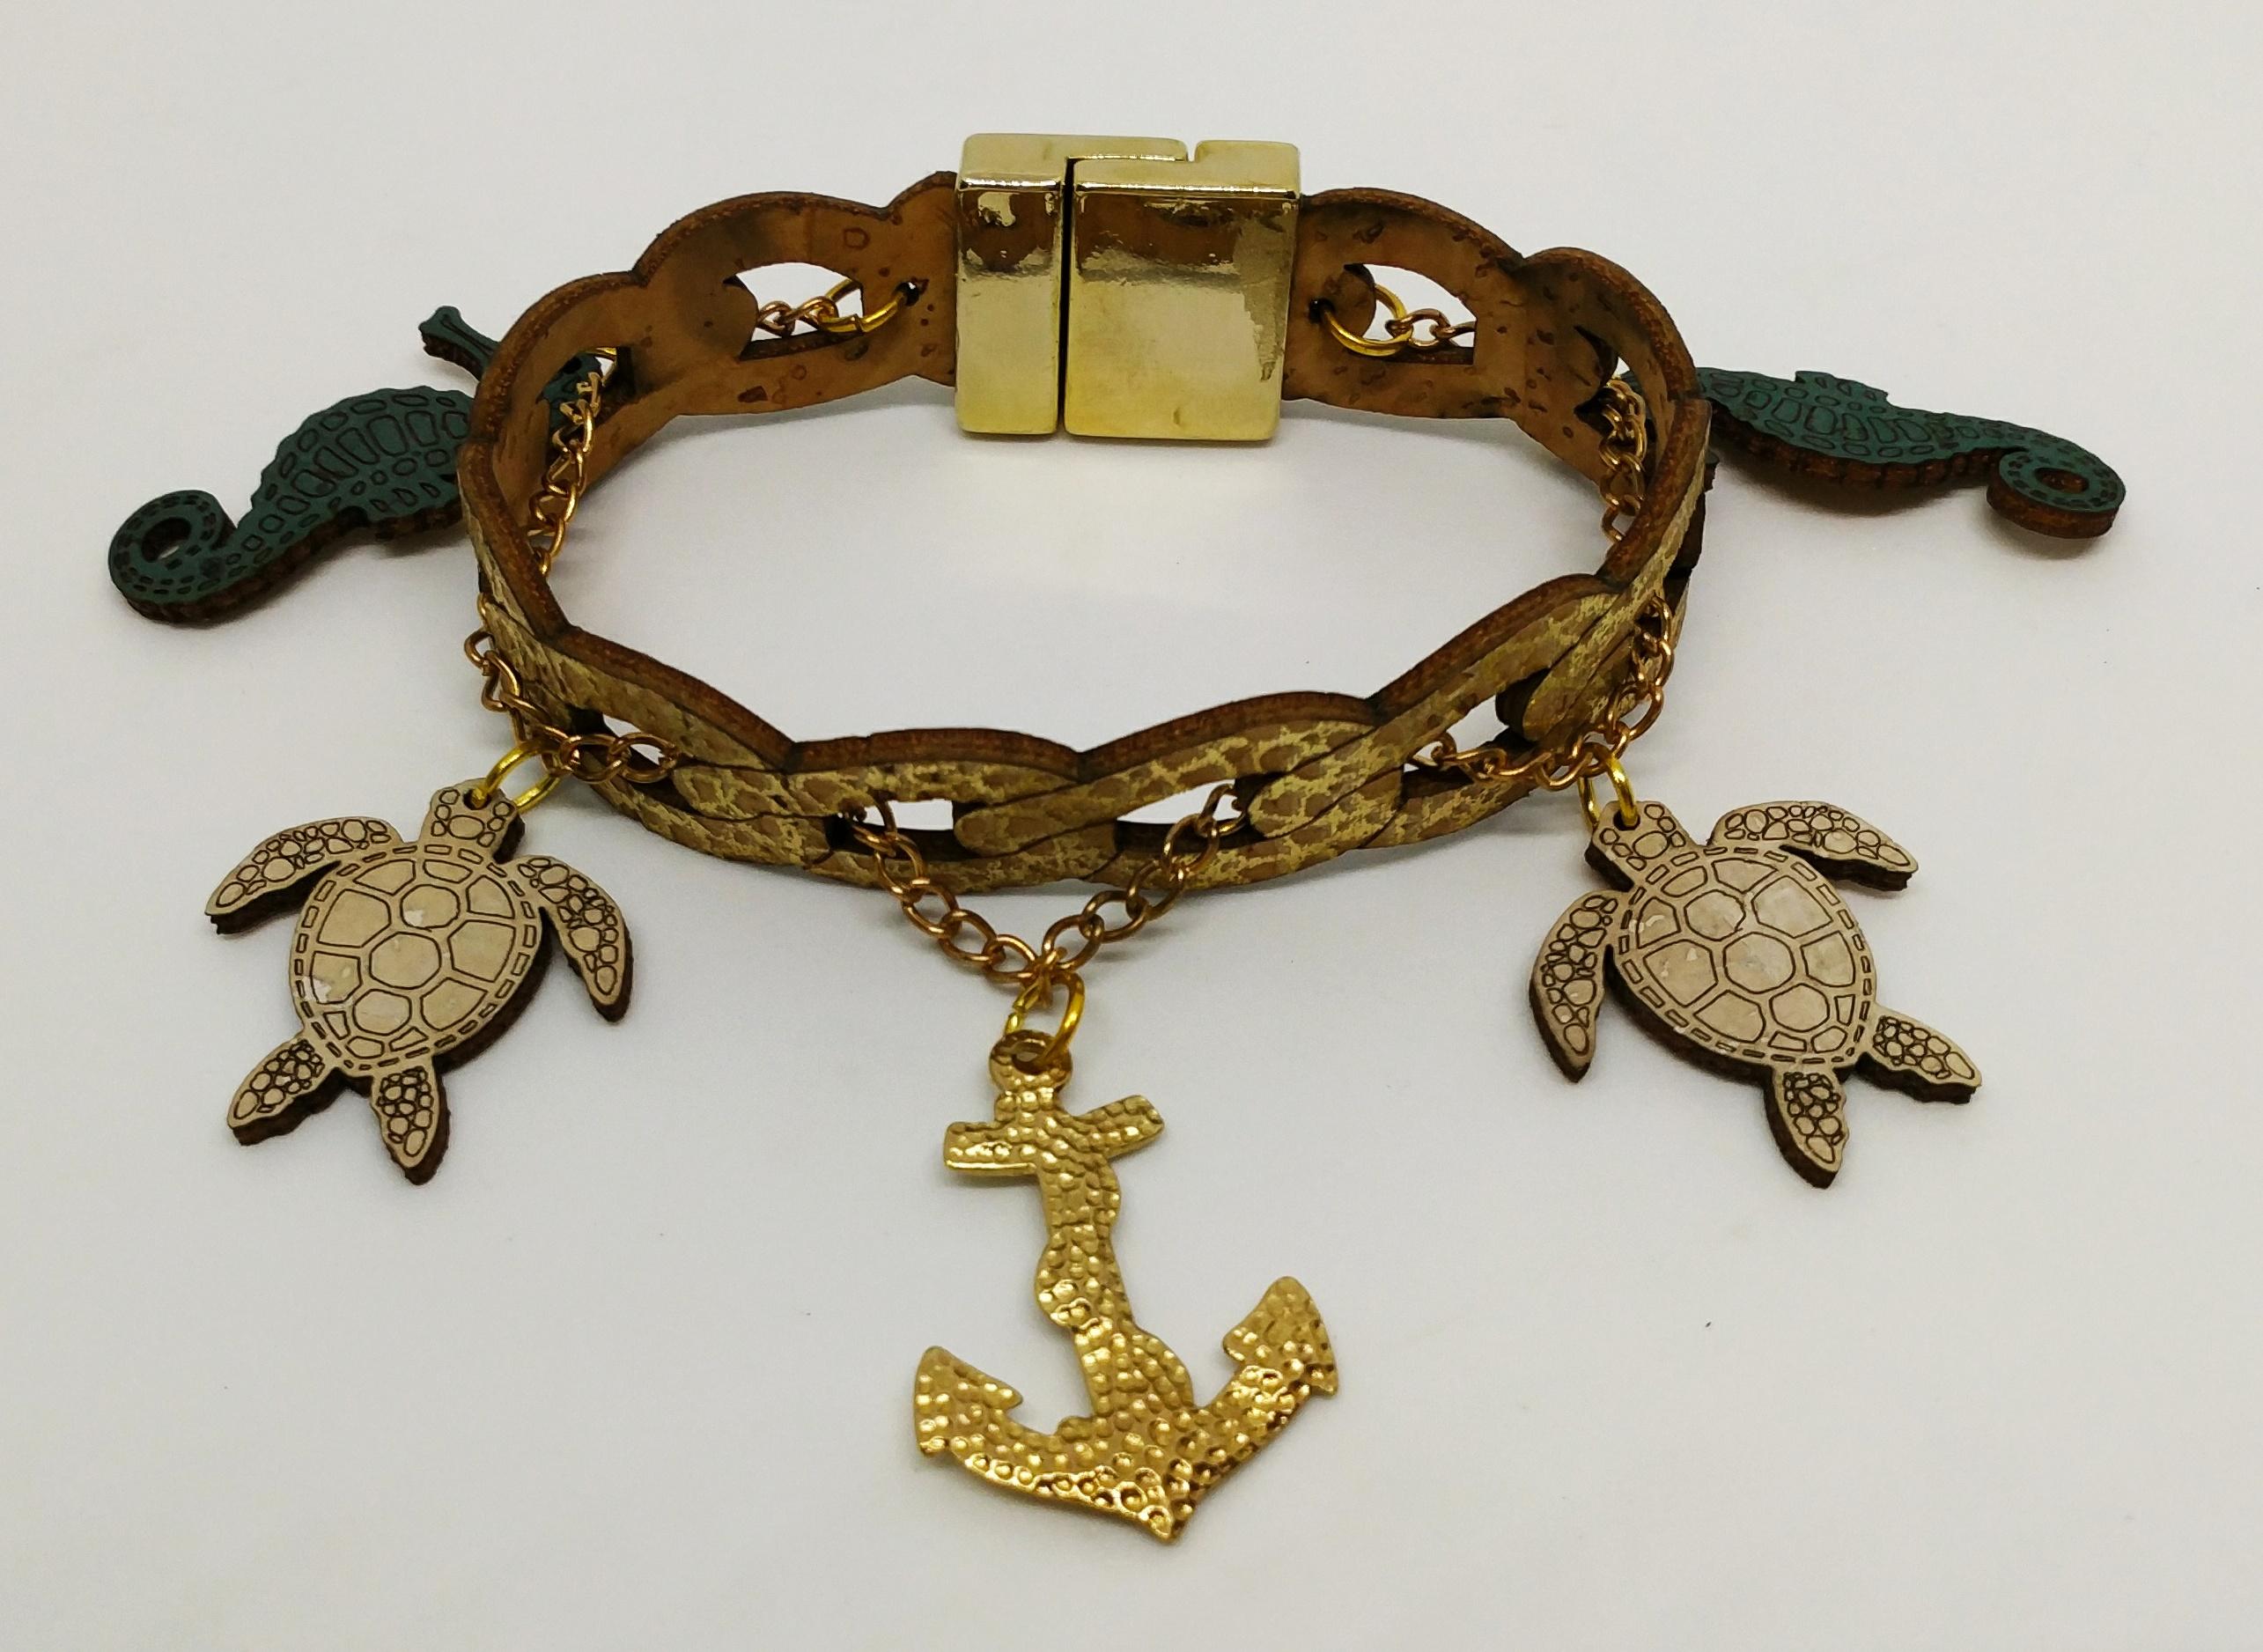 海龜手環 (海馬,海龜,錨)